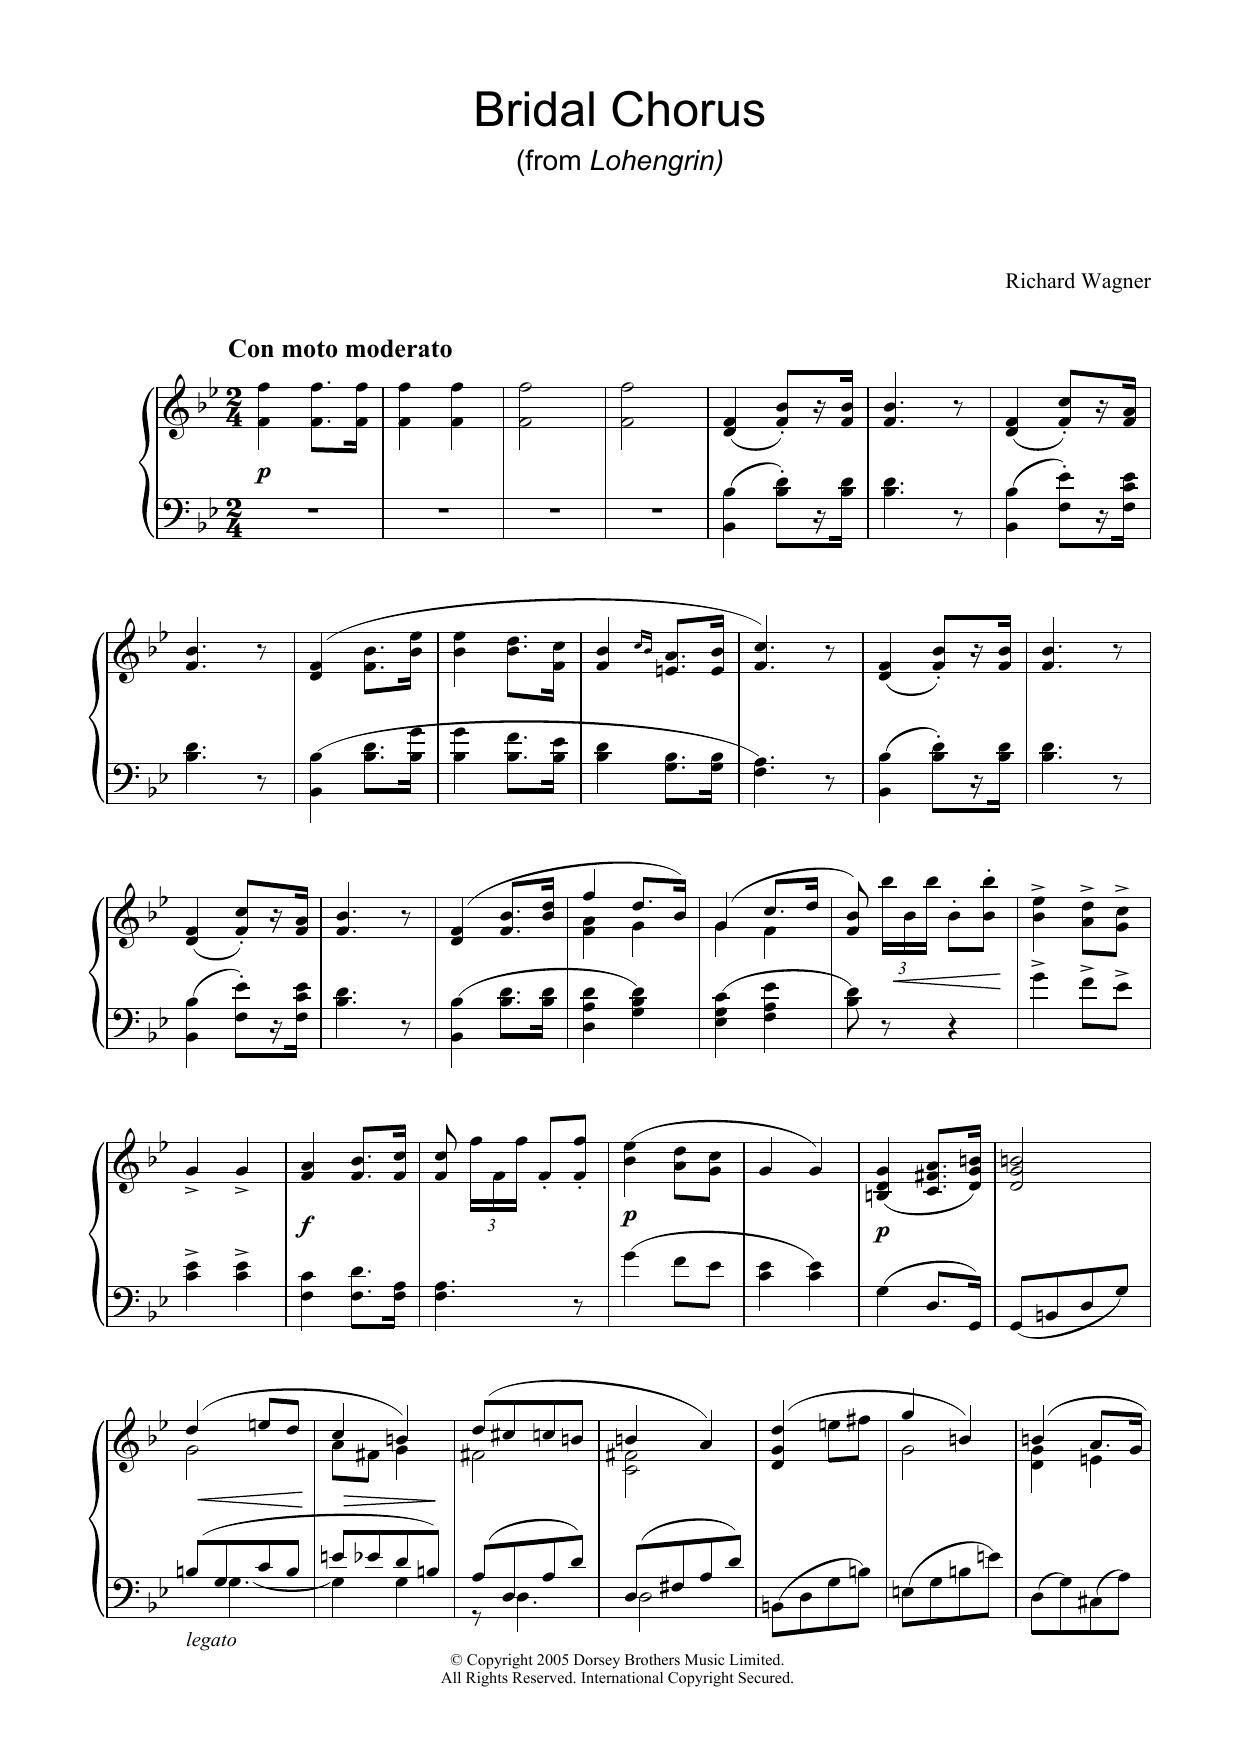 Bridal Chorus (from Lohengrin) sheet music